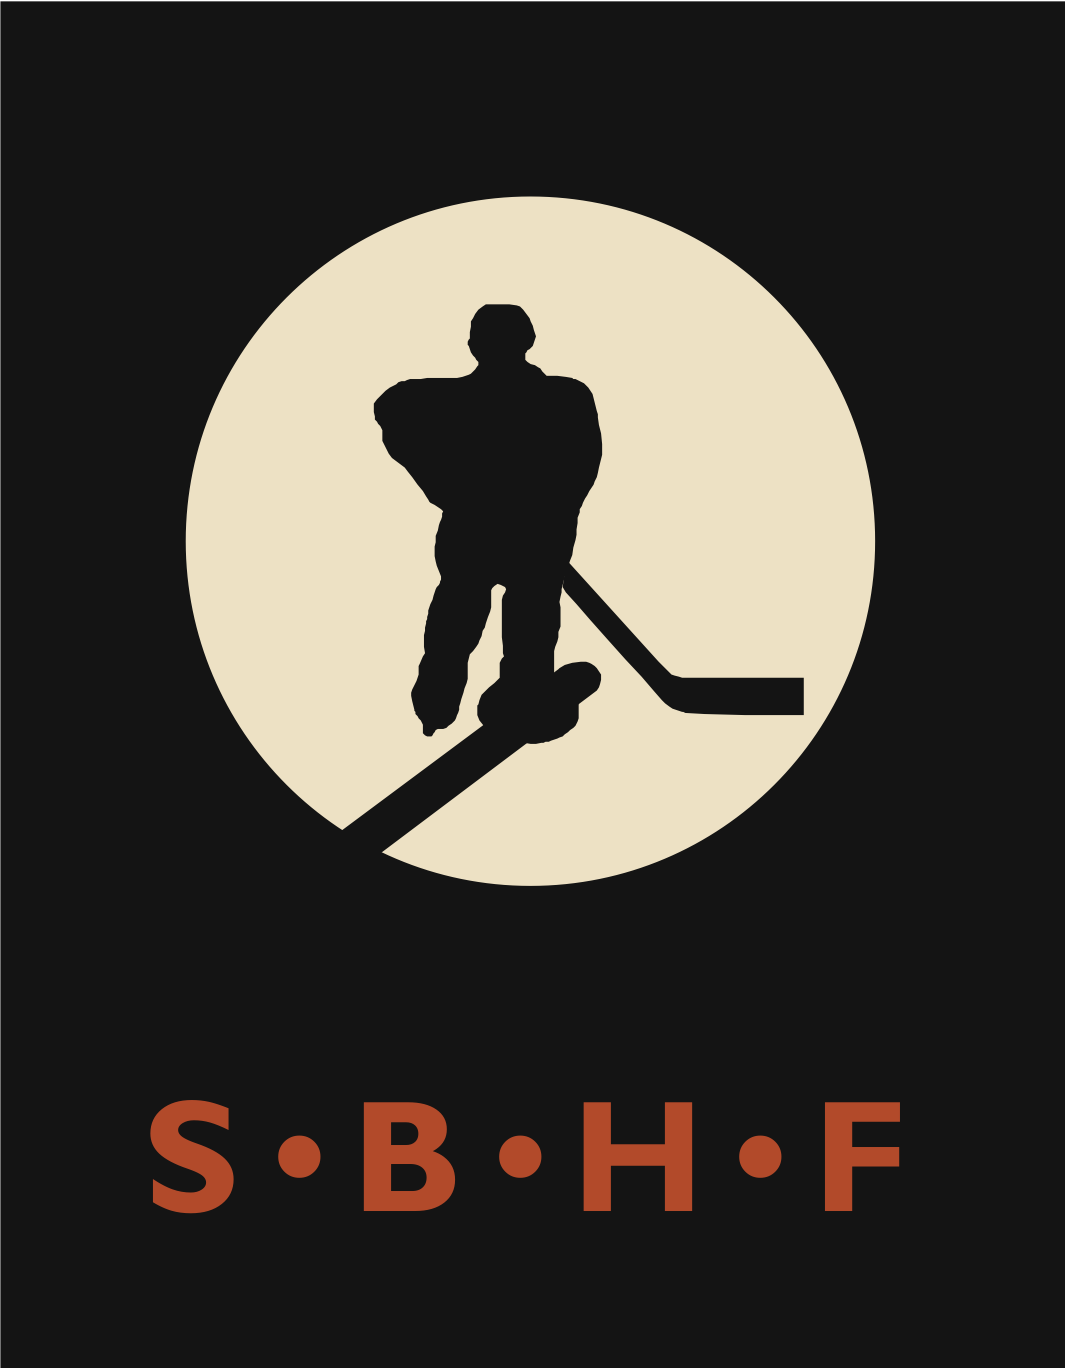 SBHF logo